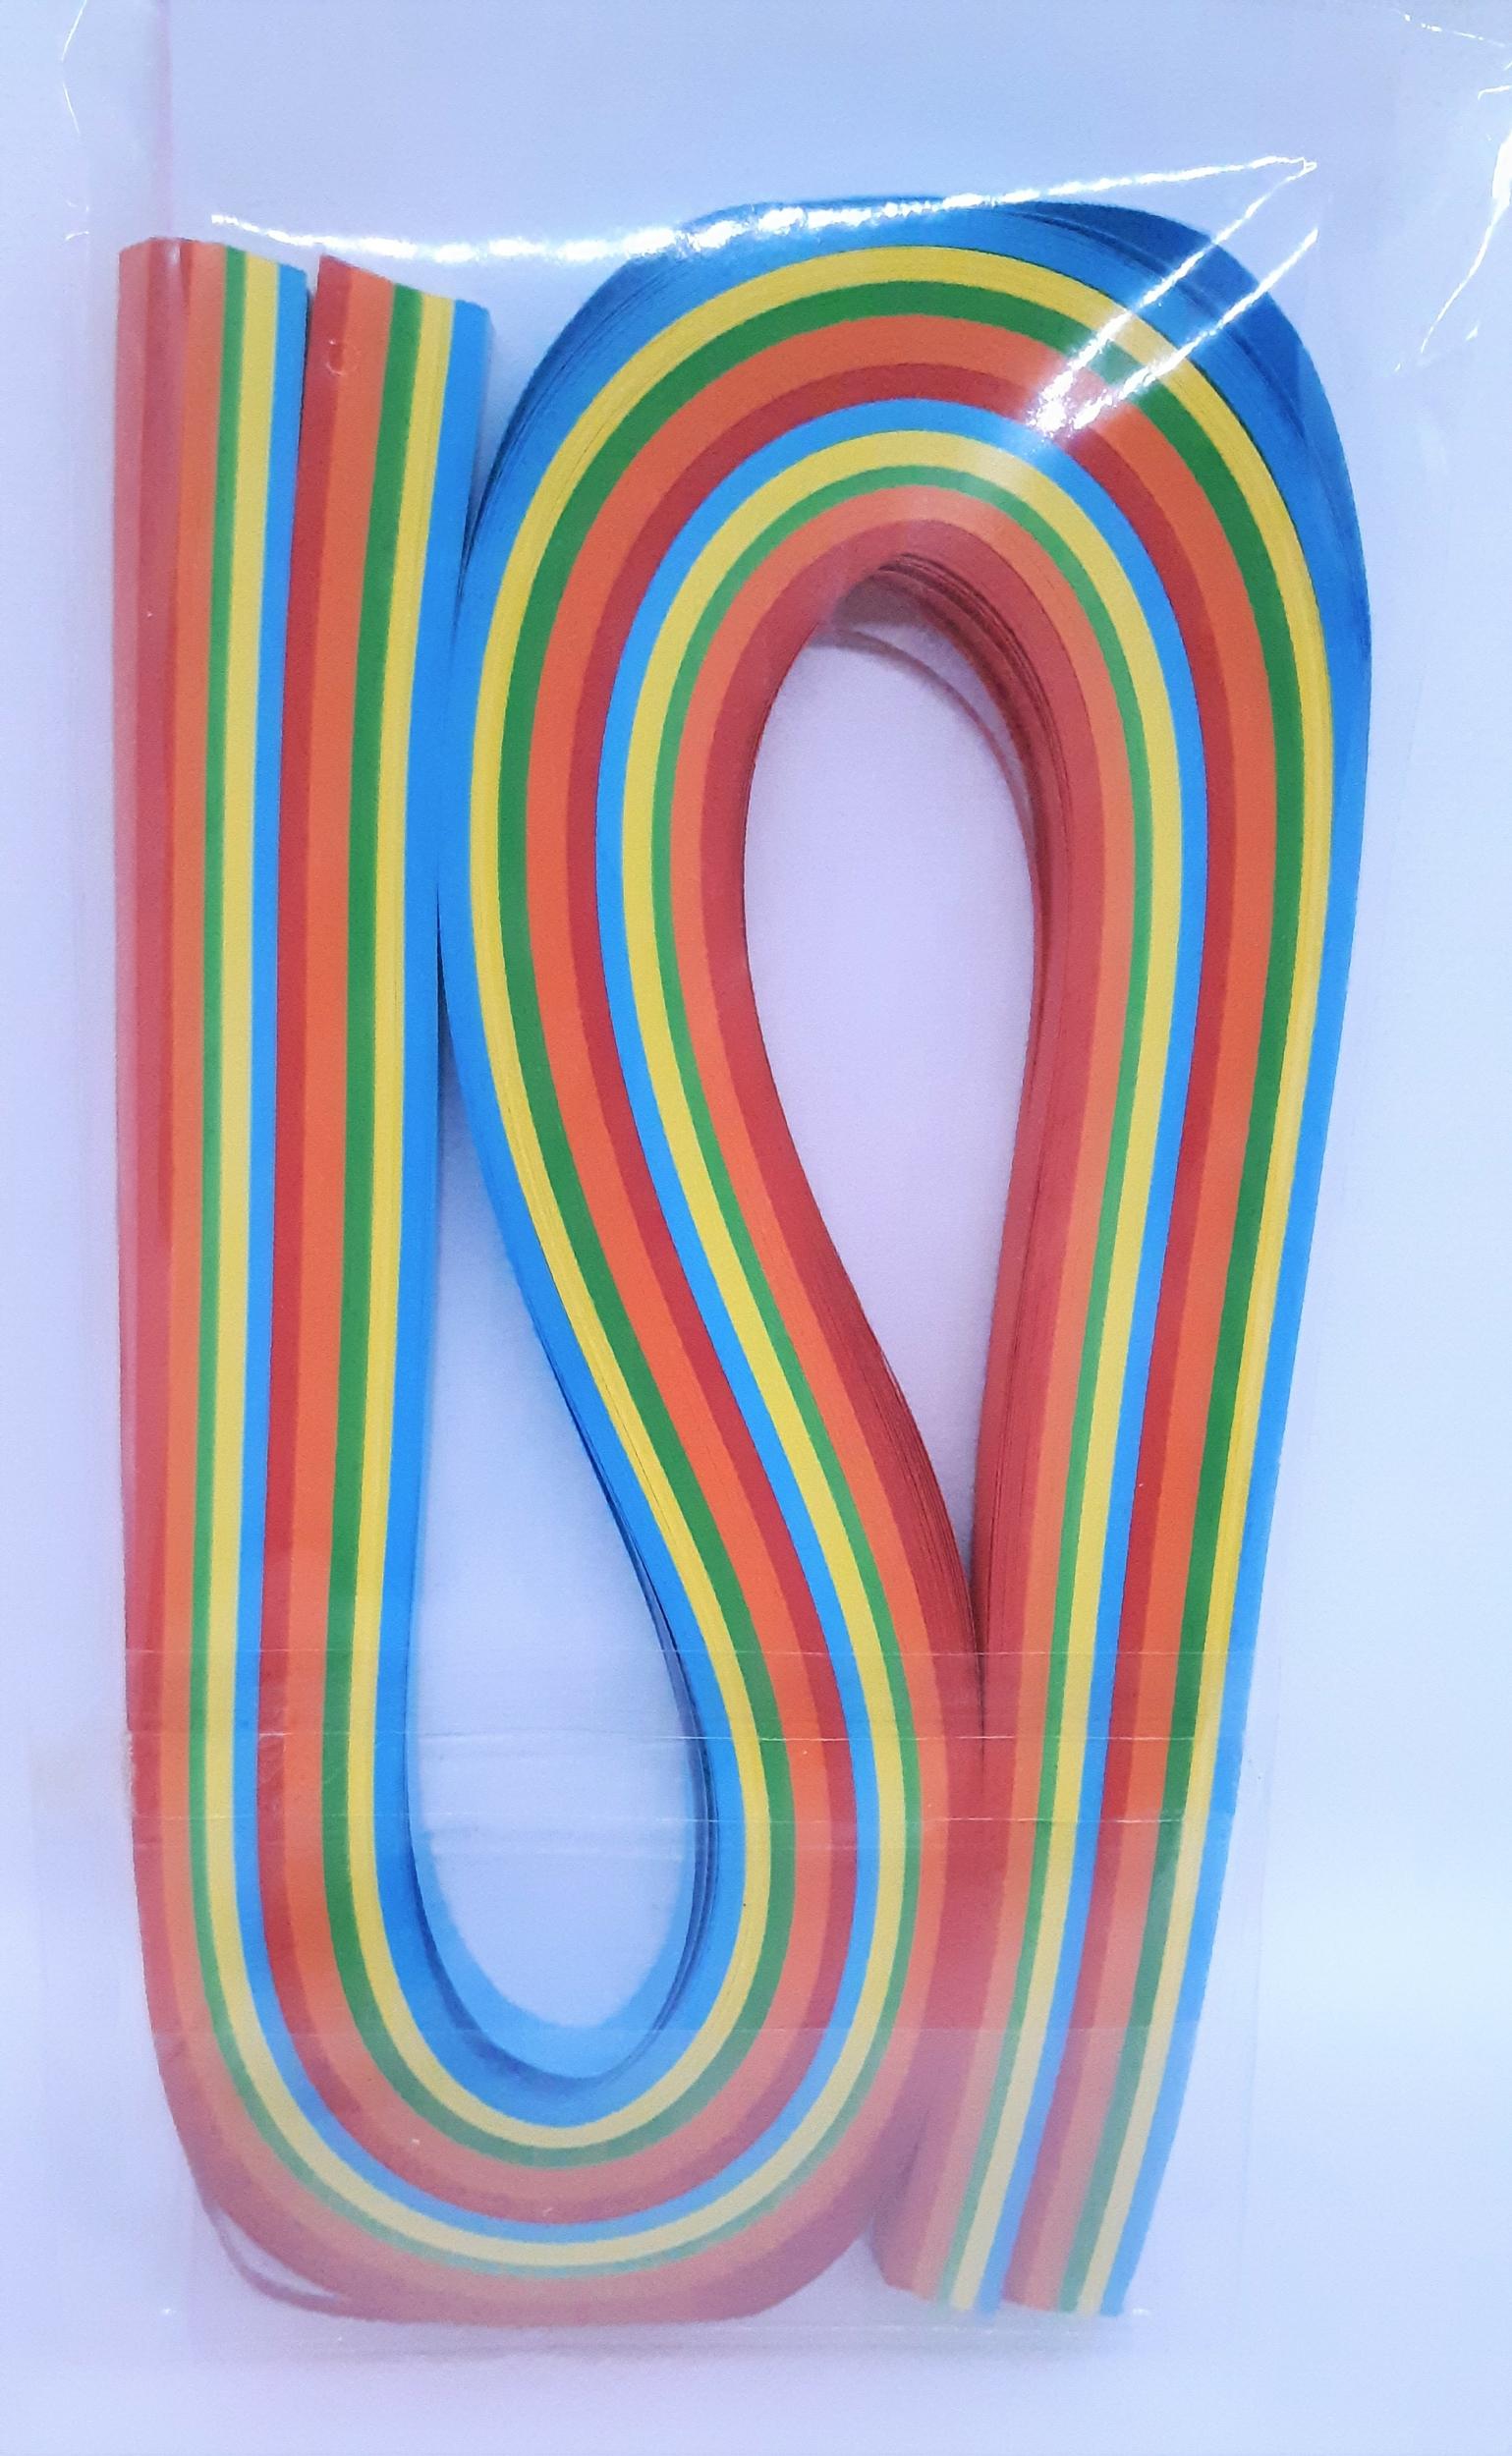 300 Bandelettes de papier pour quilling - coloris assortis